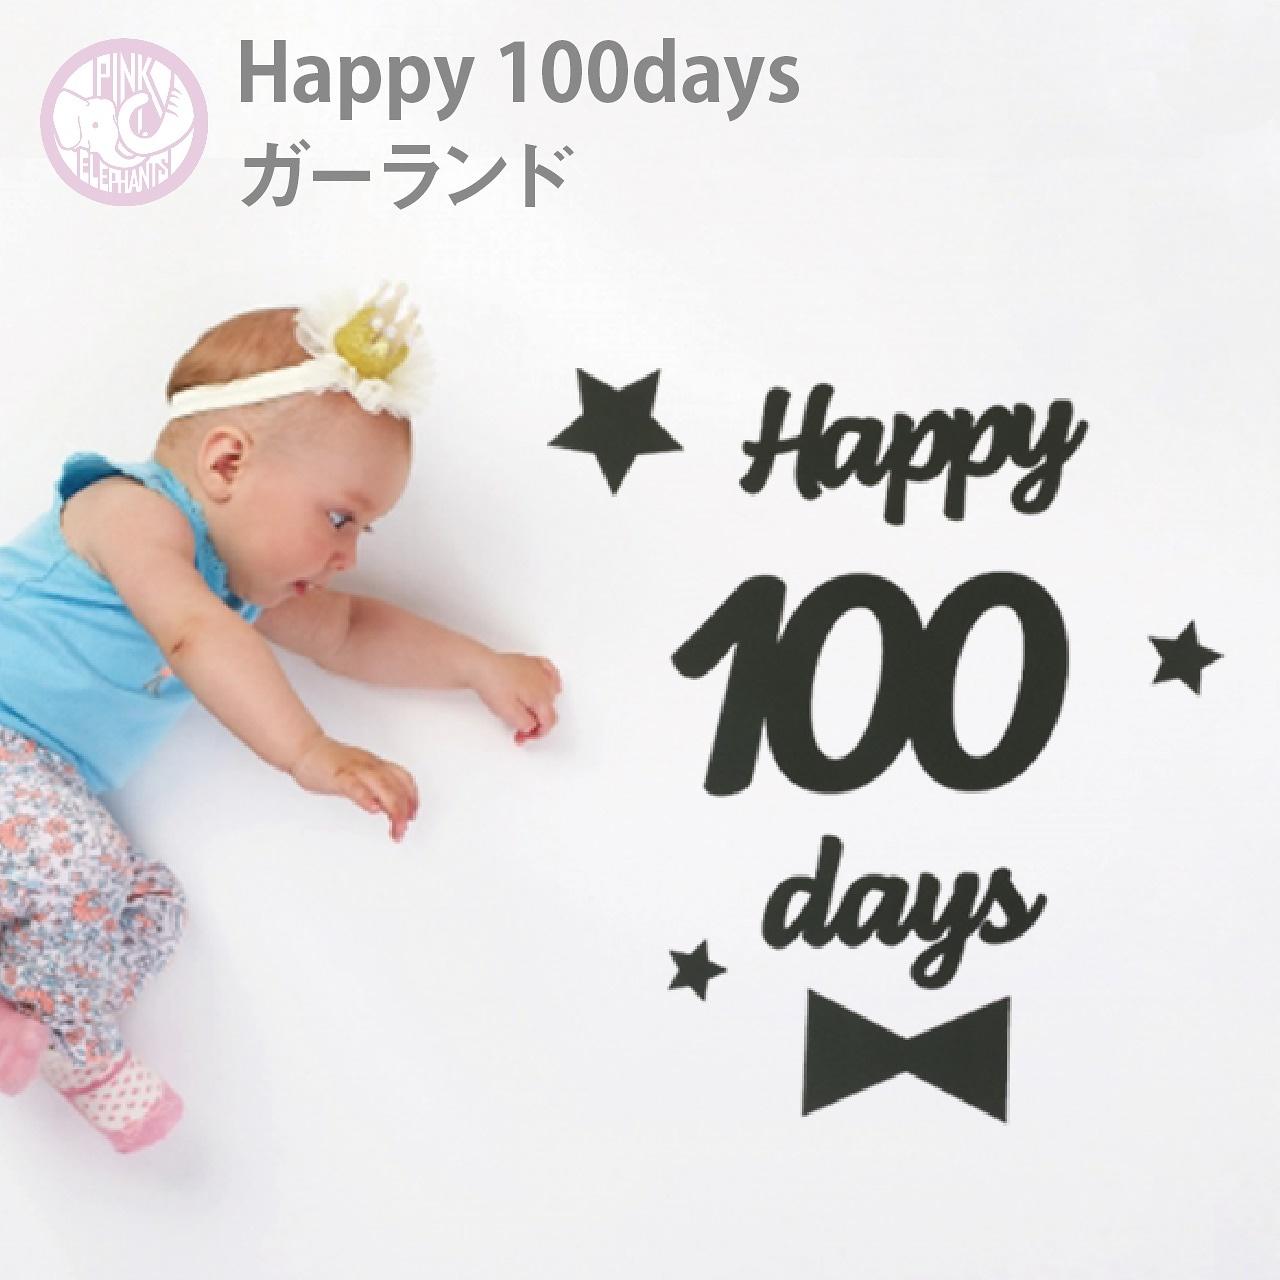 ベビー100days バースデー アニバーサリー 100日 記念 赤ちゃん お祝い 飾り デコレーション ガーランド